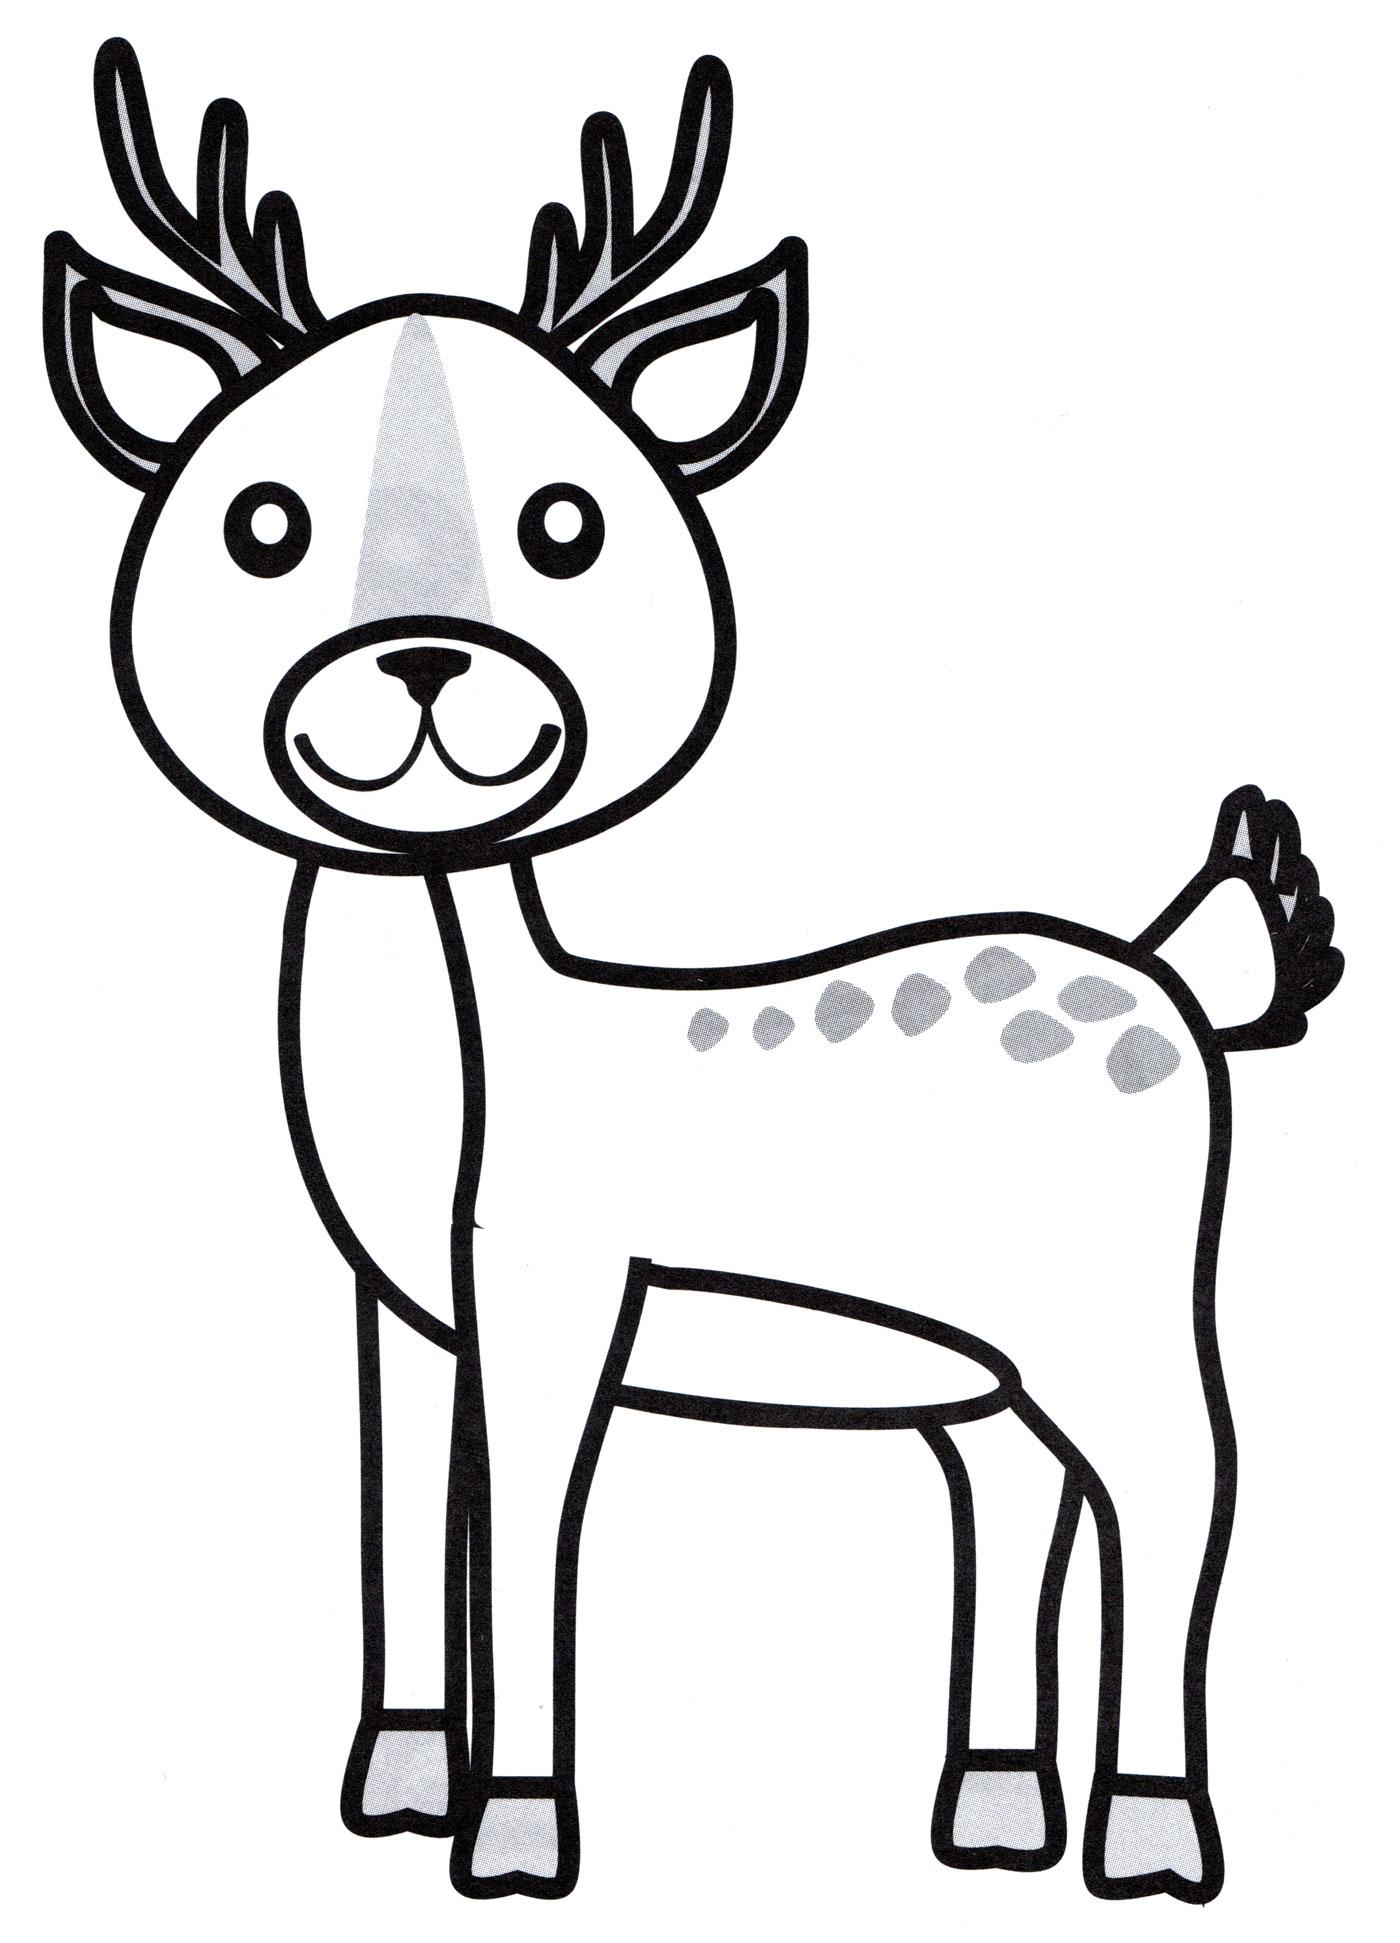 Раскраска Милый олень - распечатать бесплатно